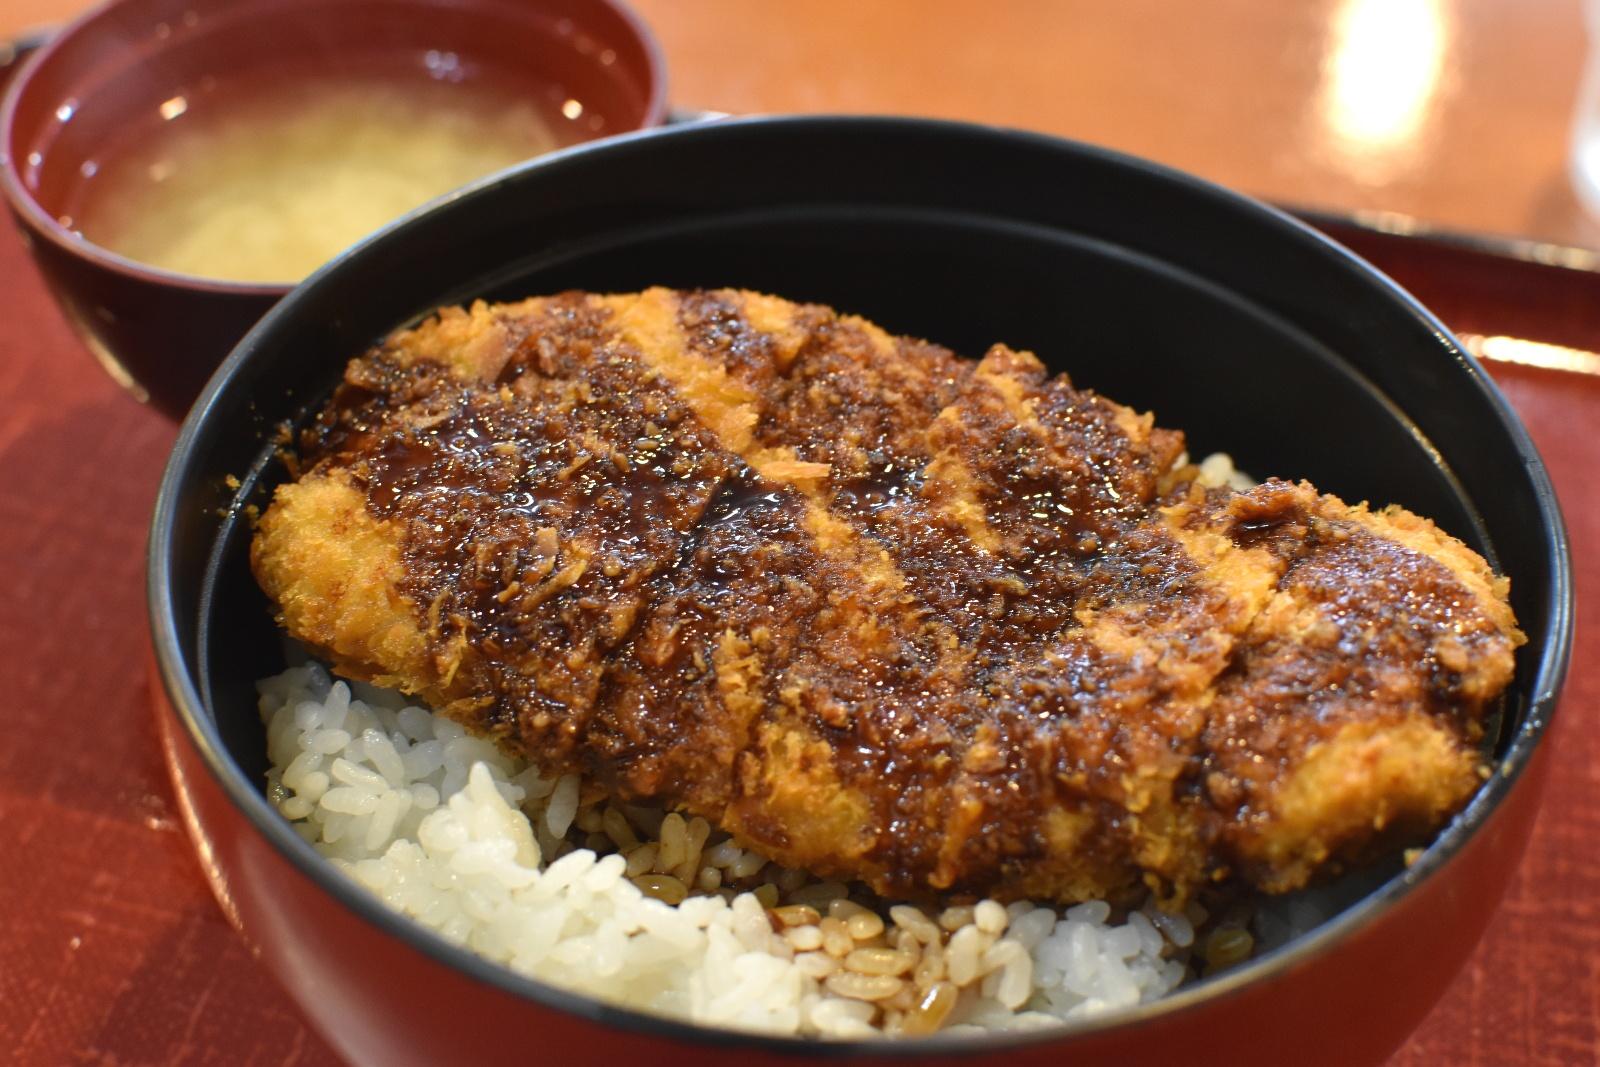 上砂川町民に愛された懐かしの炭鉱グルメ「ソースかつ丼」が復活!